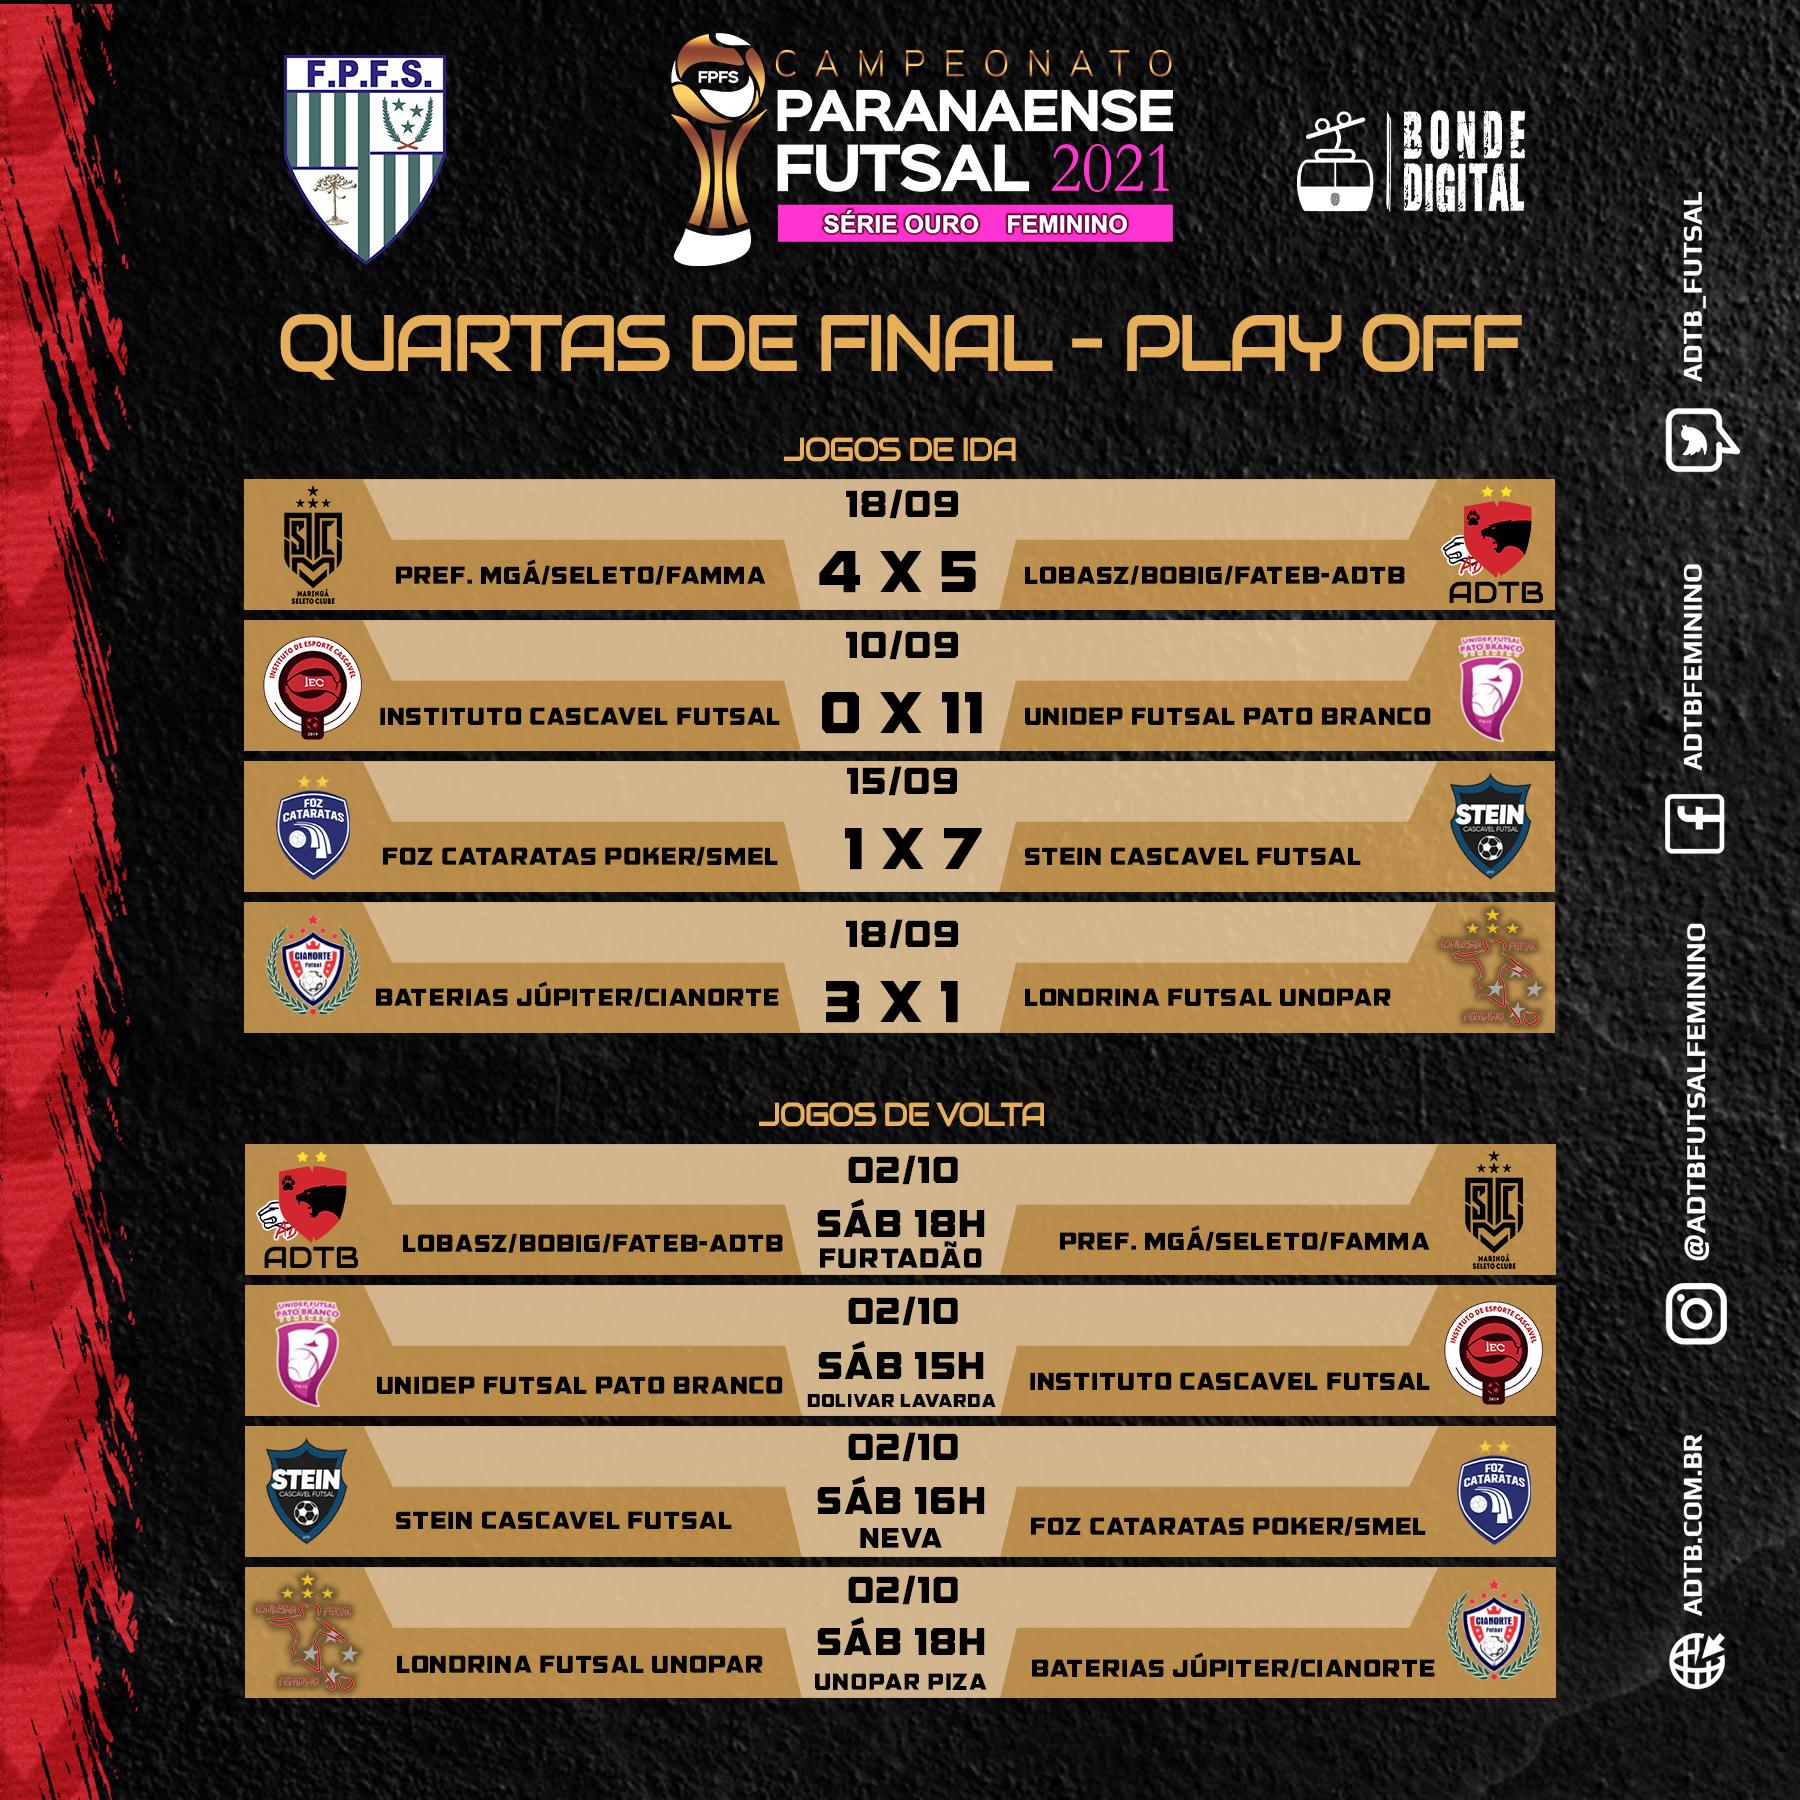 PARANAENSE - QUARTAS DE FINAL RESULTADOS